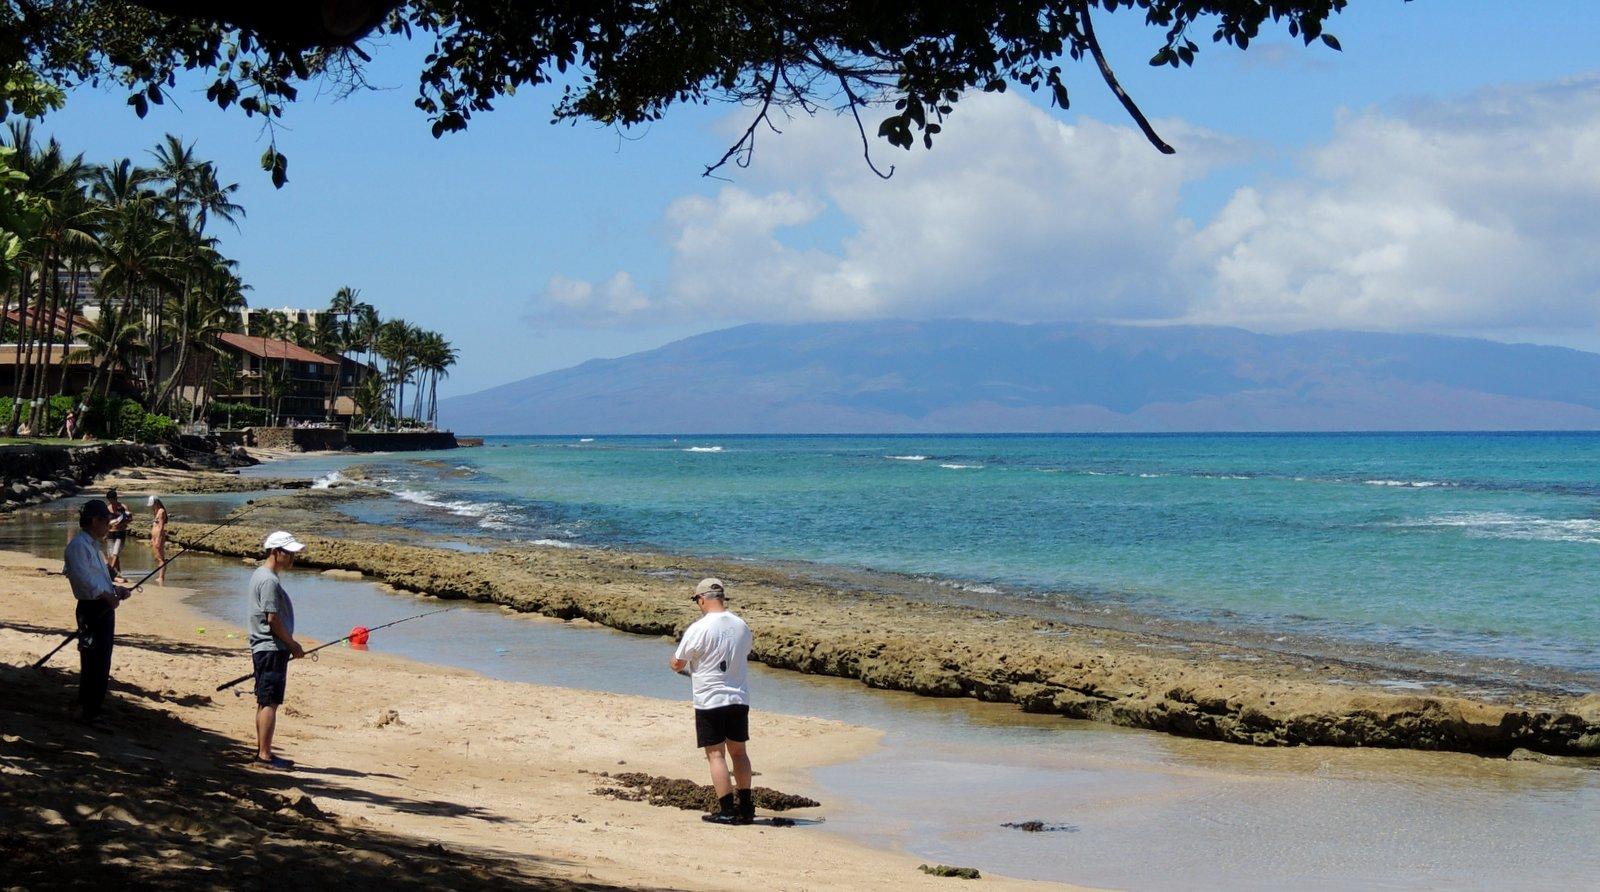 Honokowai - Maui